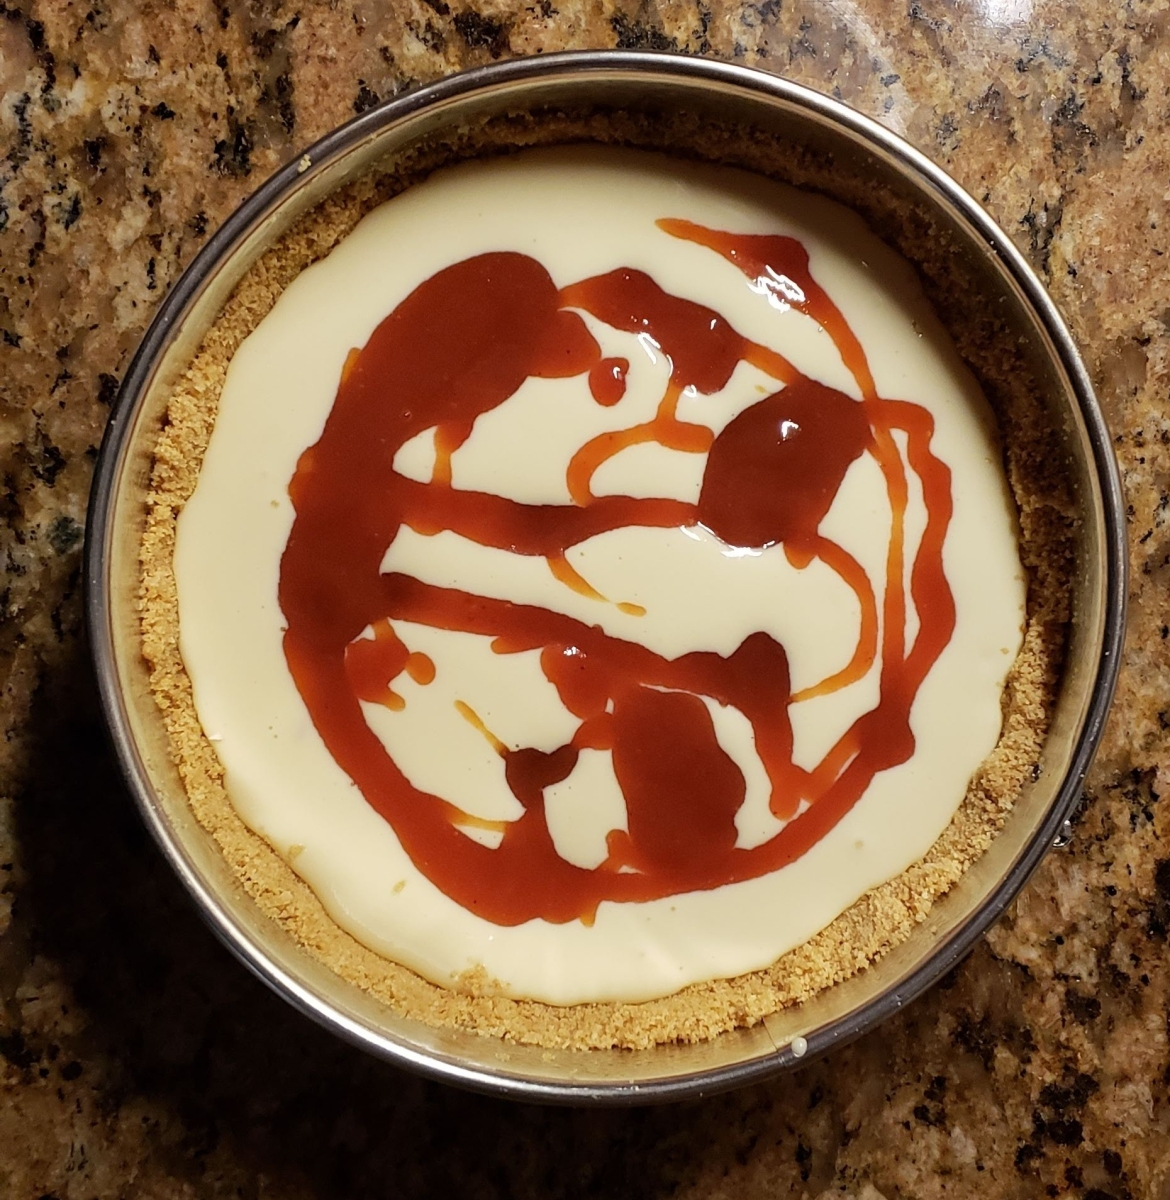 guava drizzle cheesecake